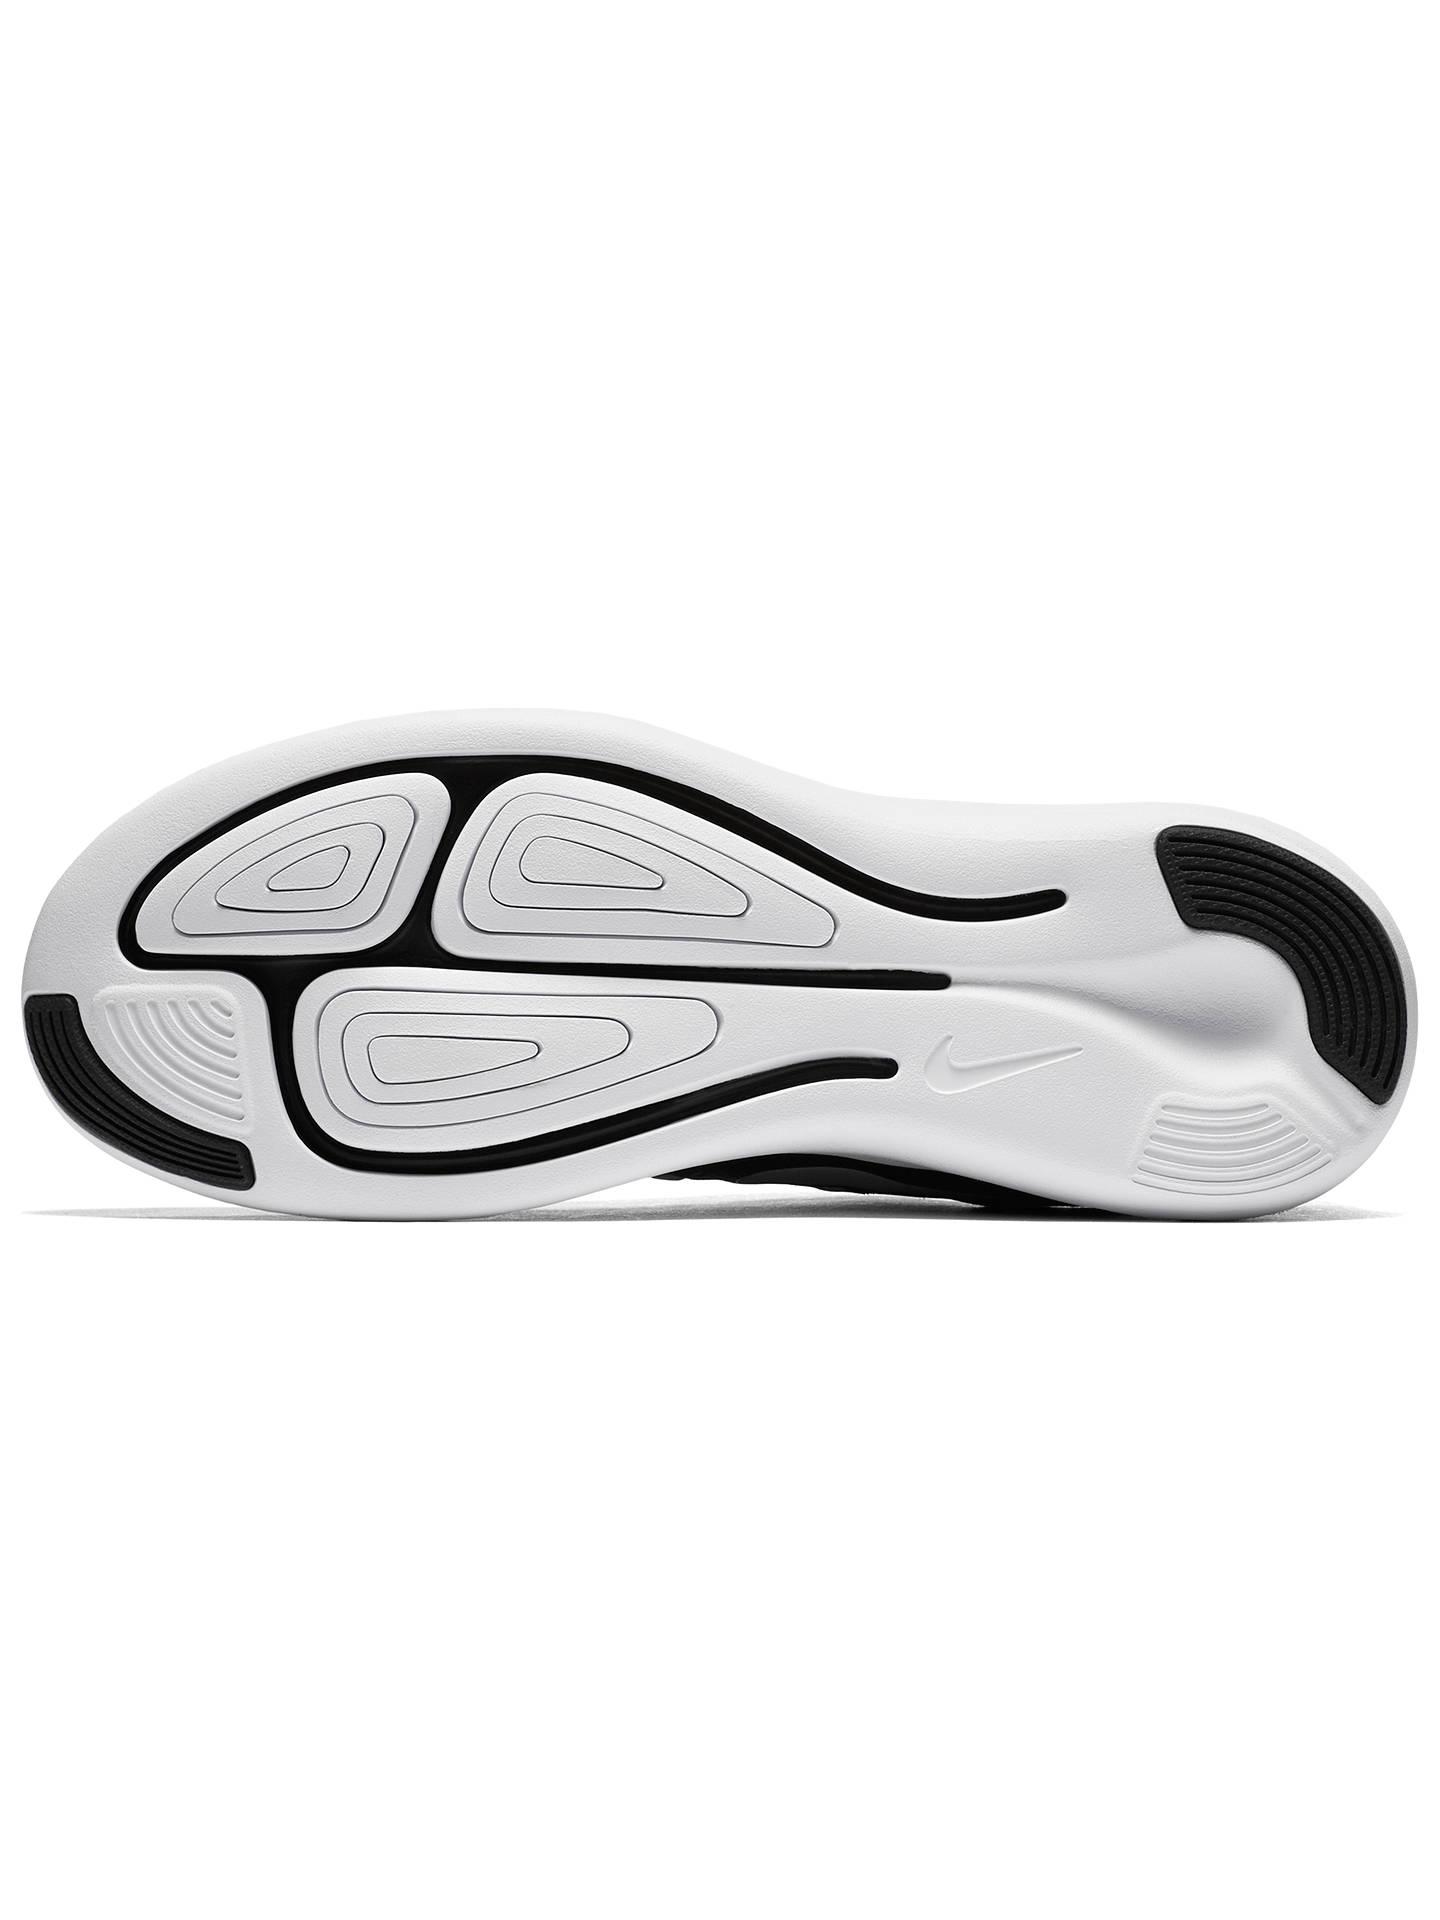 Nike LunarStelos Women s Running Shoes at John Lewis   Partners bde051764